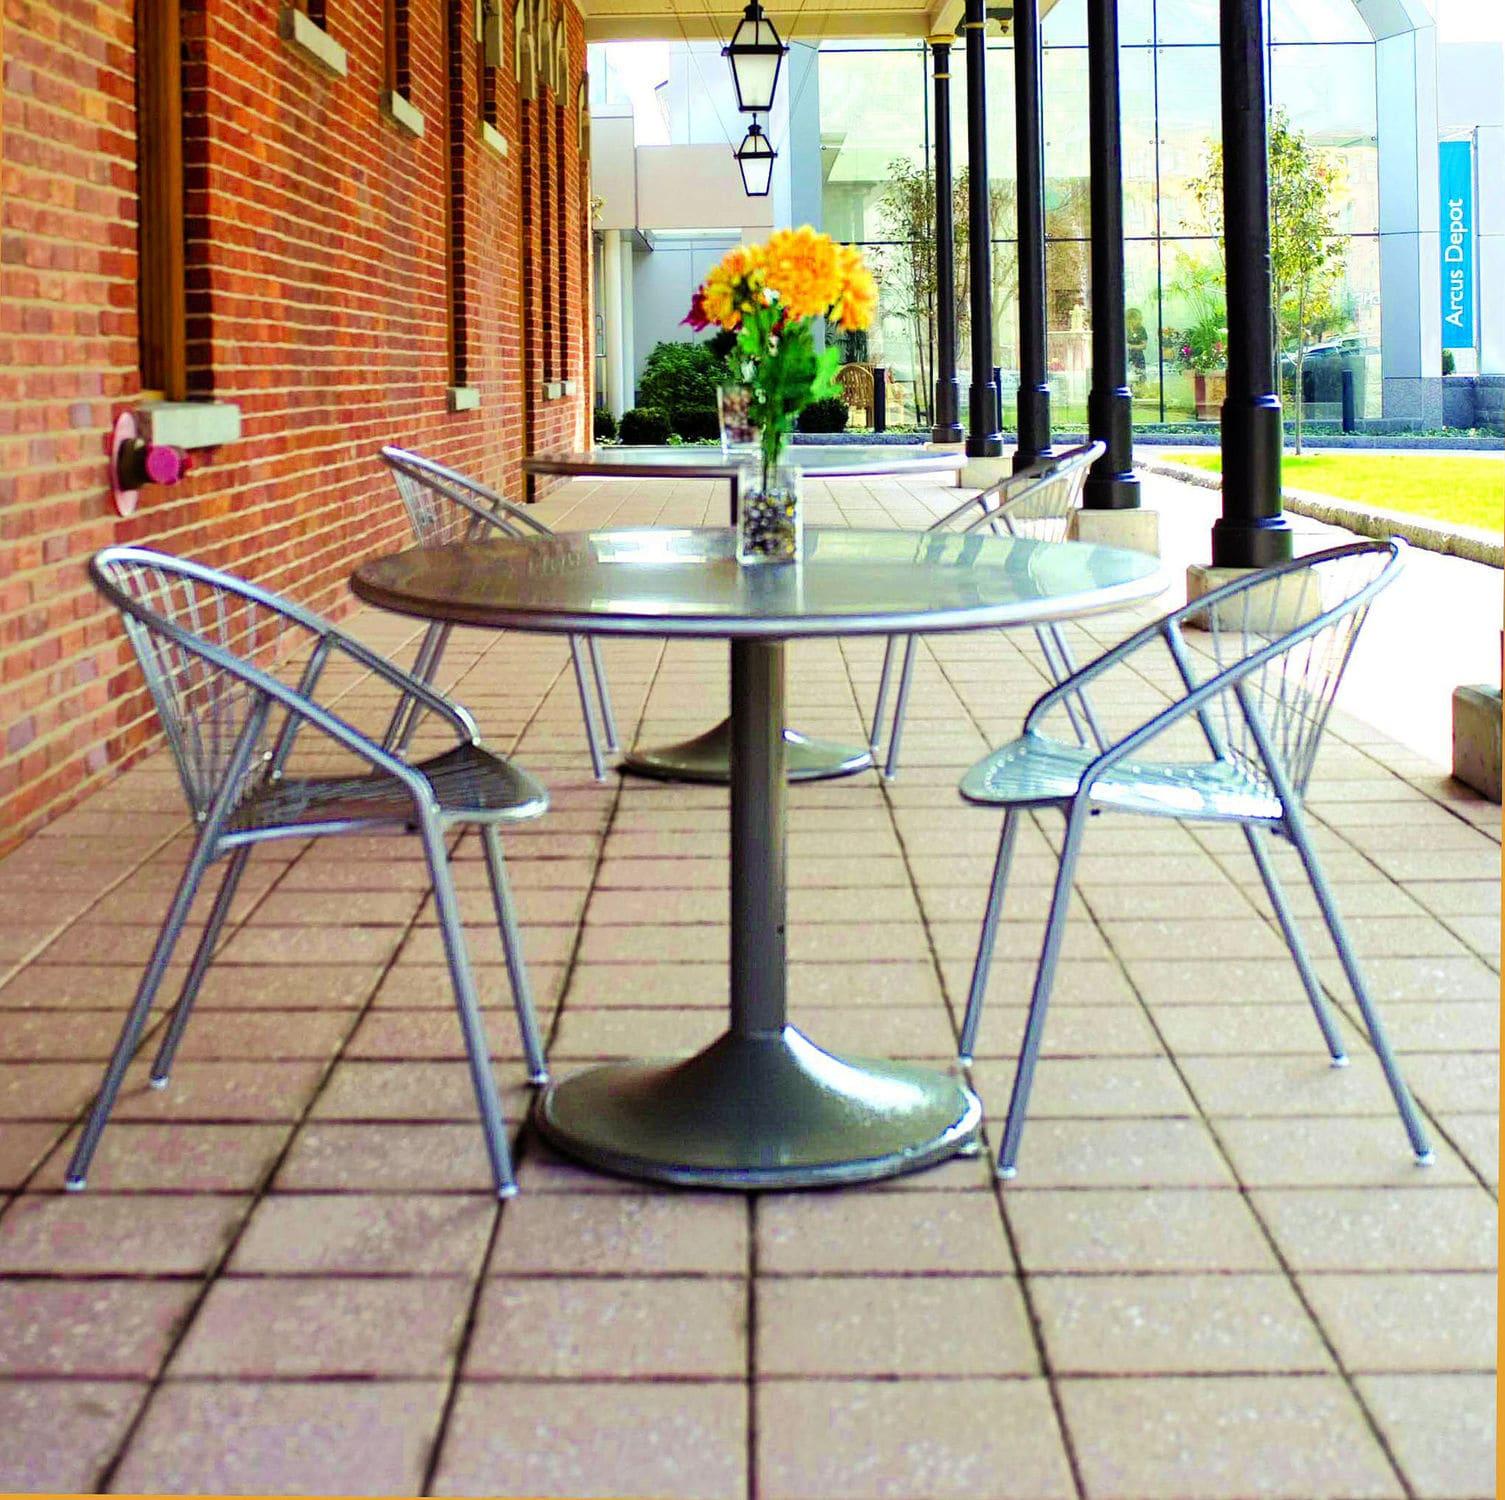 Table bistrot contemporaine / en métal / en acrylique / en résine by Robert  Chipman landscapeforms